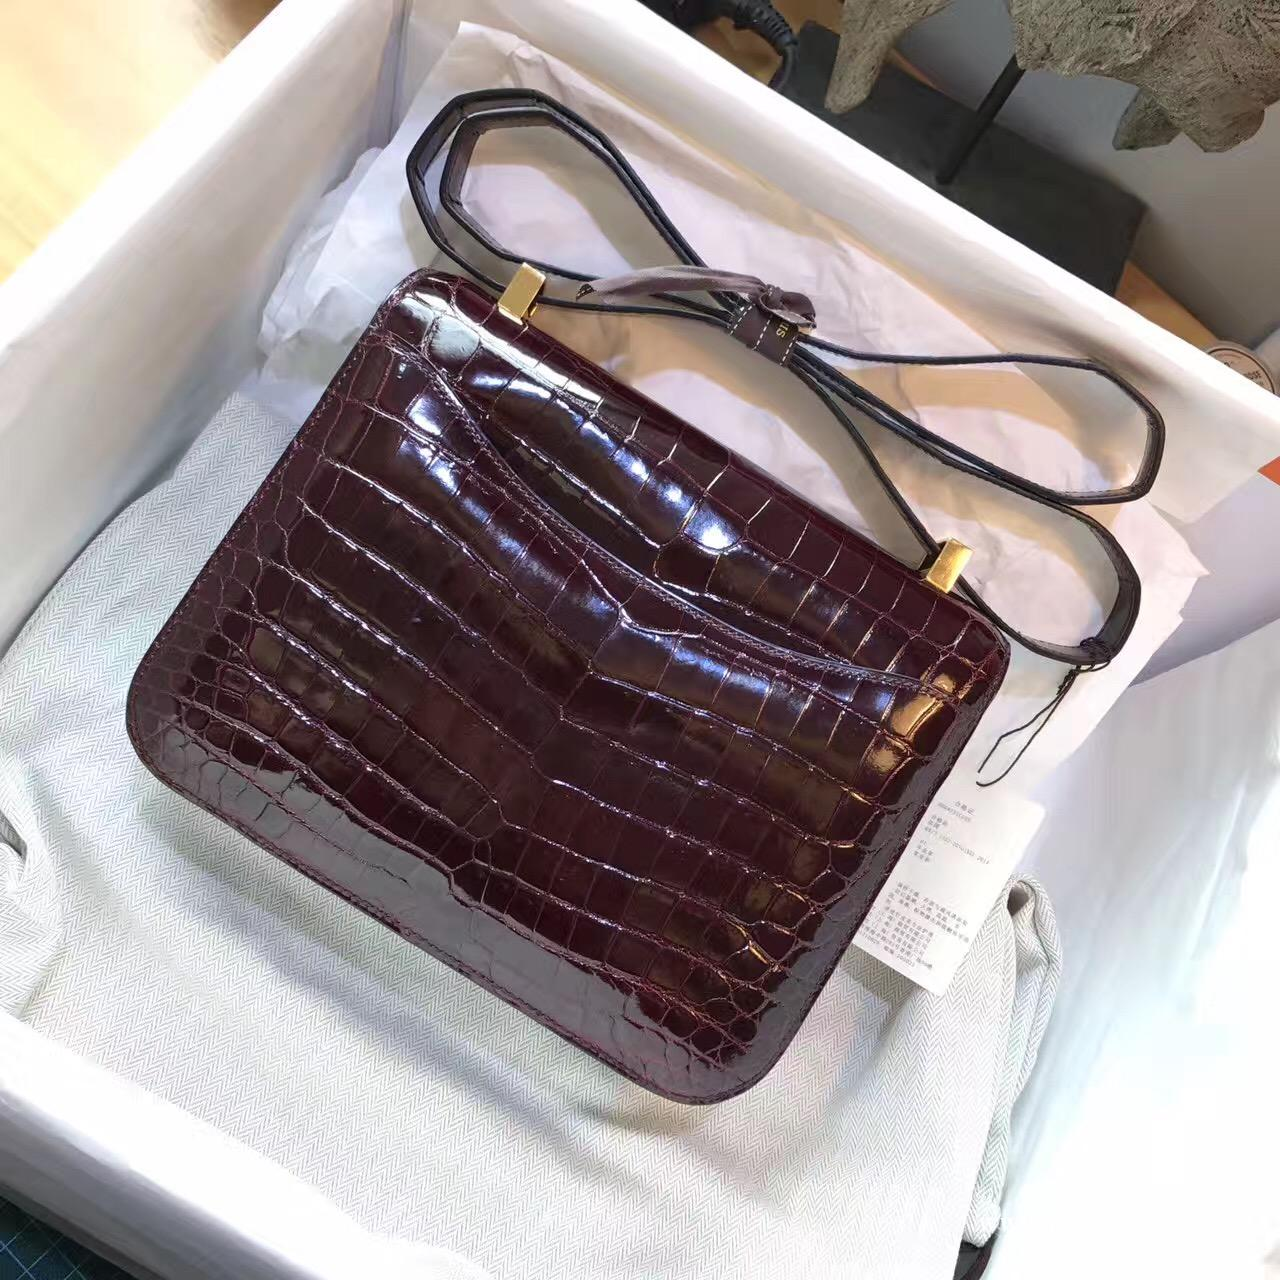 愛馬仕 康斯坦斯包 Constance 23 鱷魚光面CK57 Bordeaux波爾多酒紅金扣